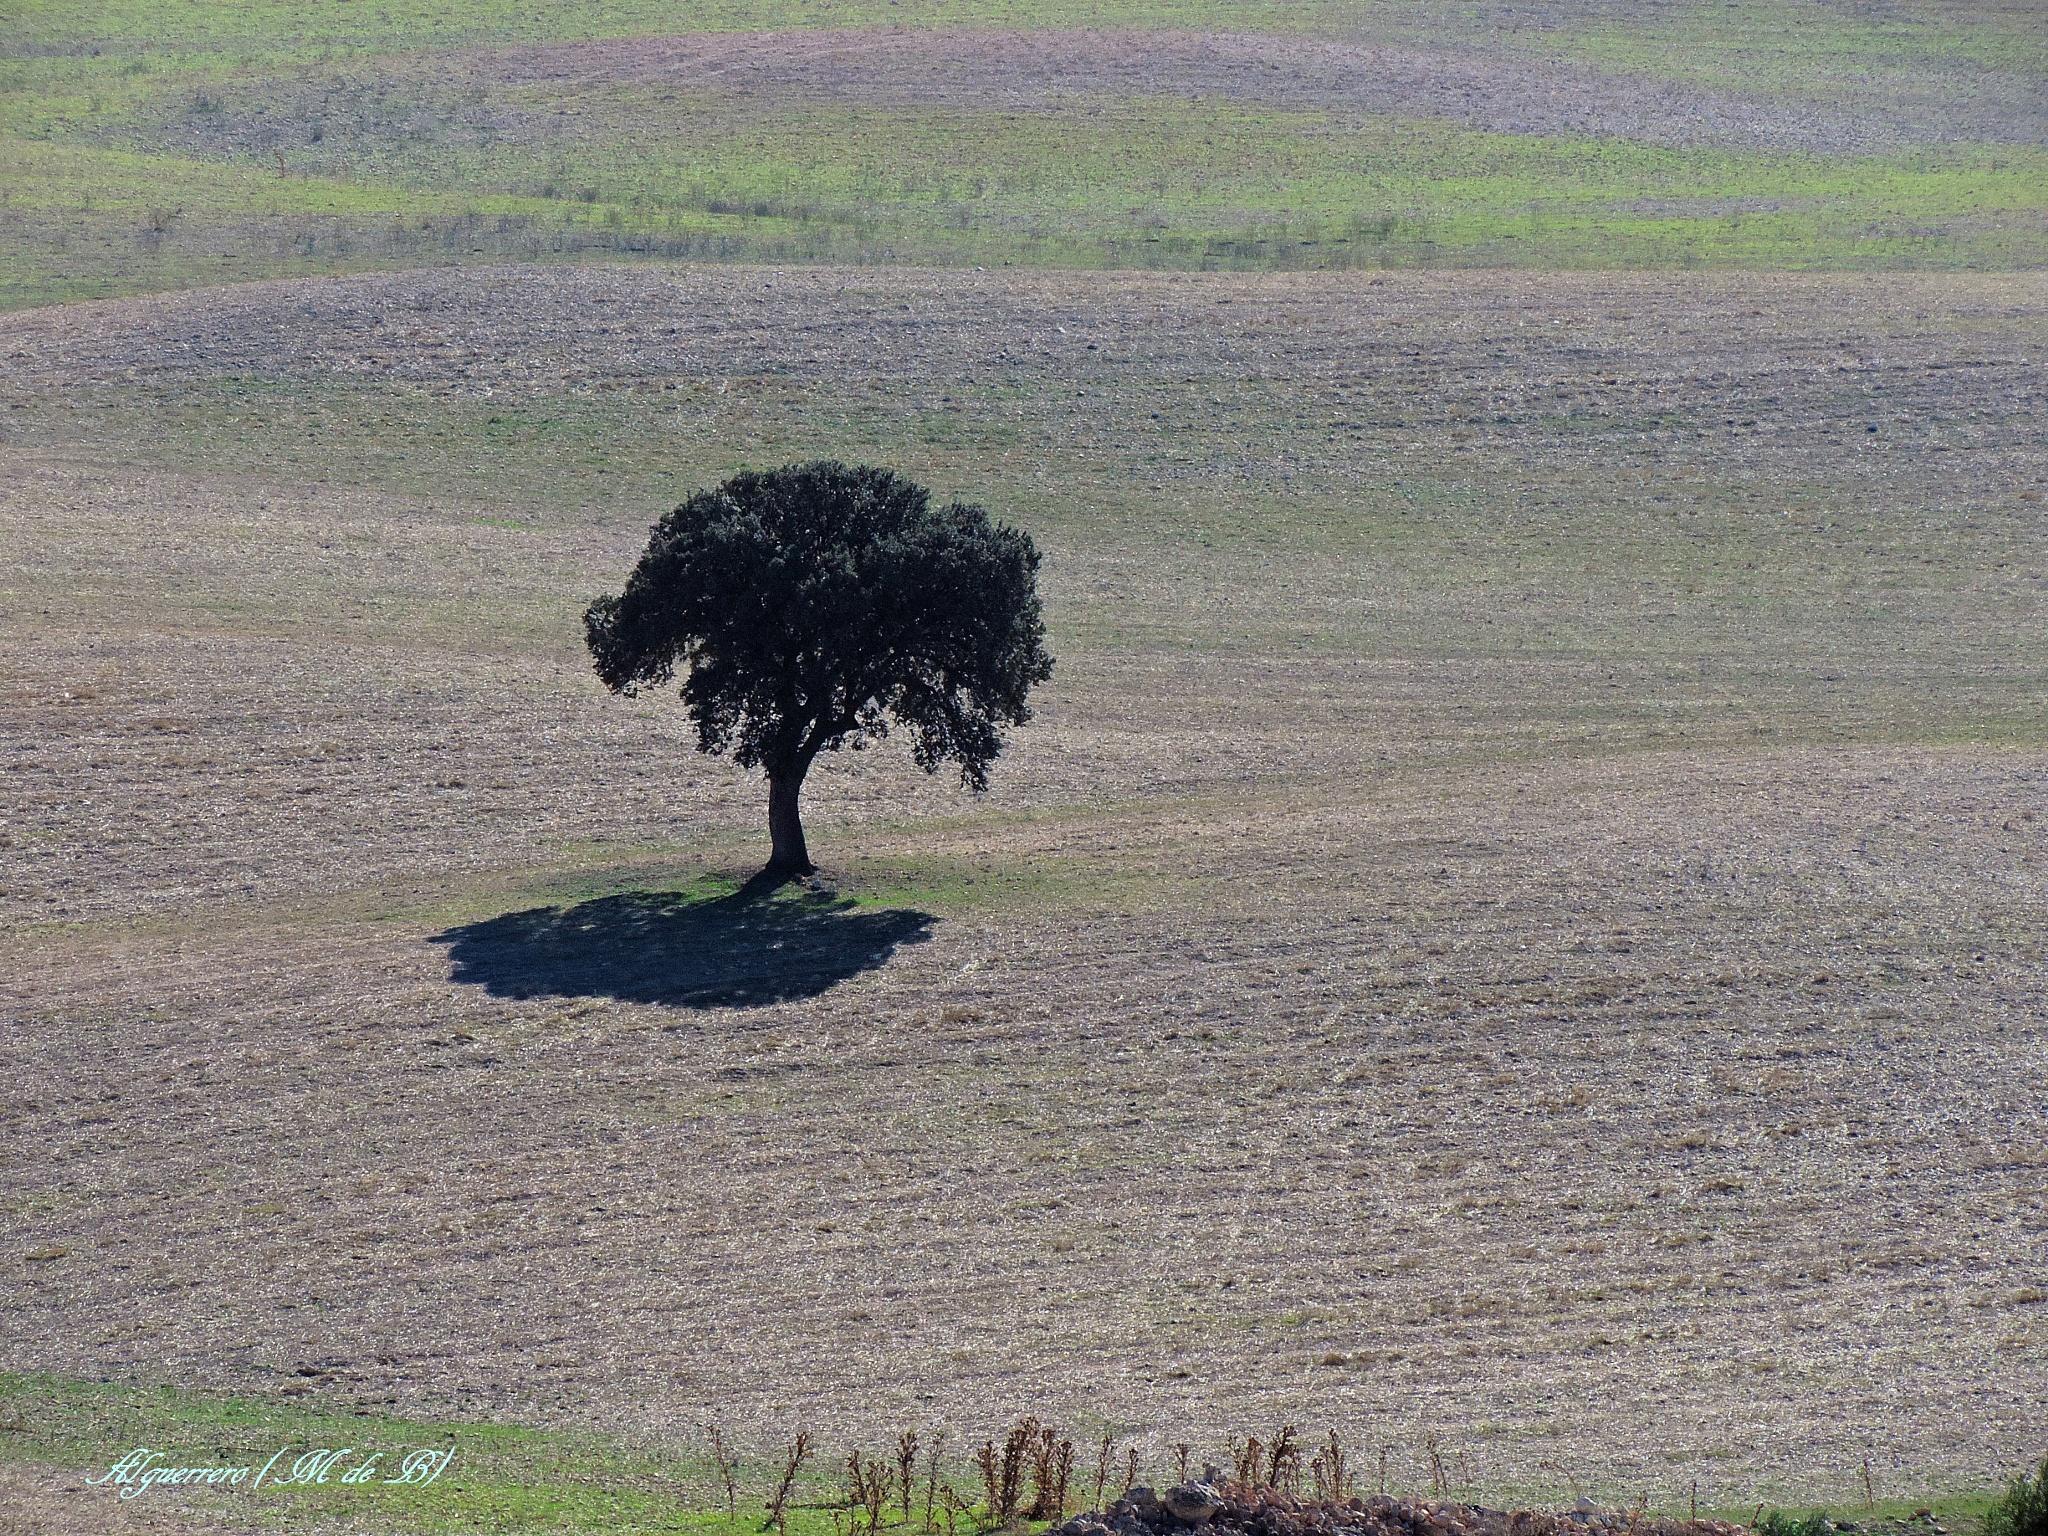 La sombra de la encina. (Oak shadow) by Angel L. Guerrero.